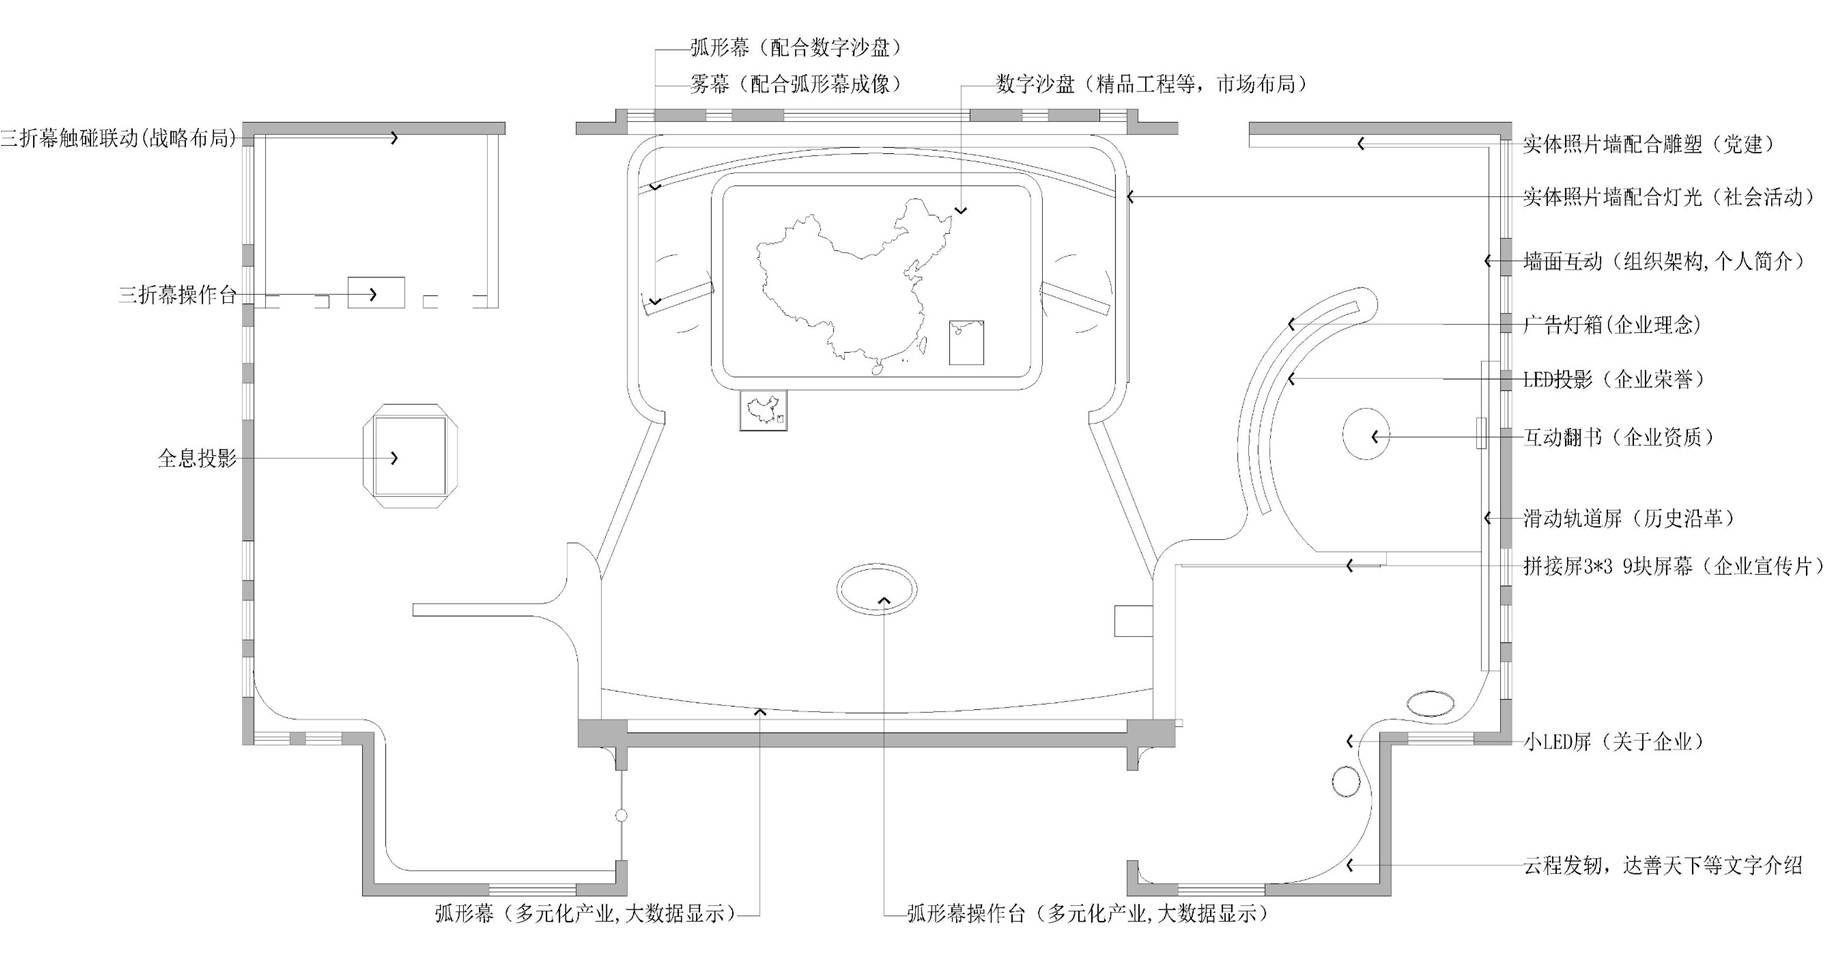 企业展厅设计拓扑图